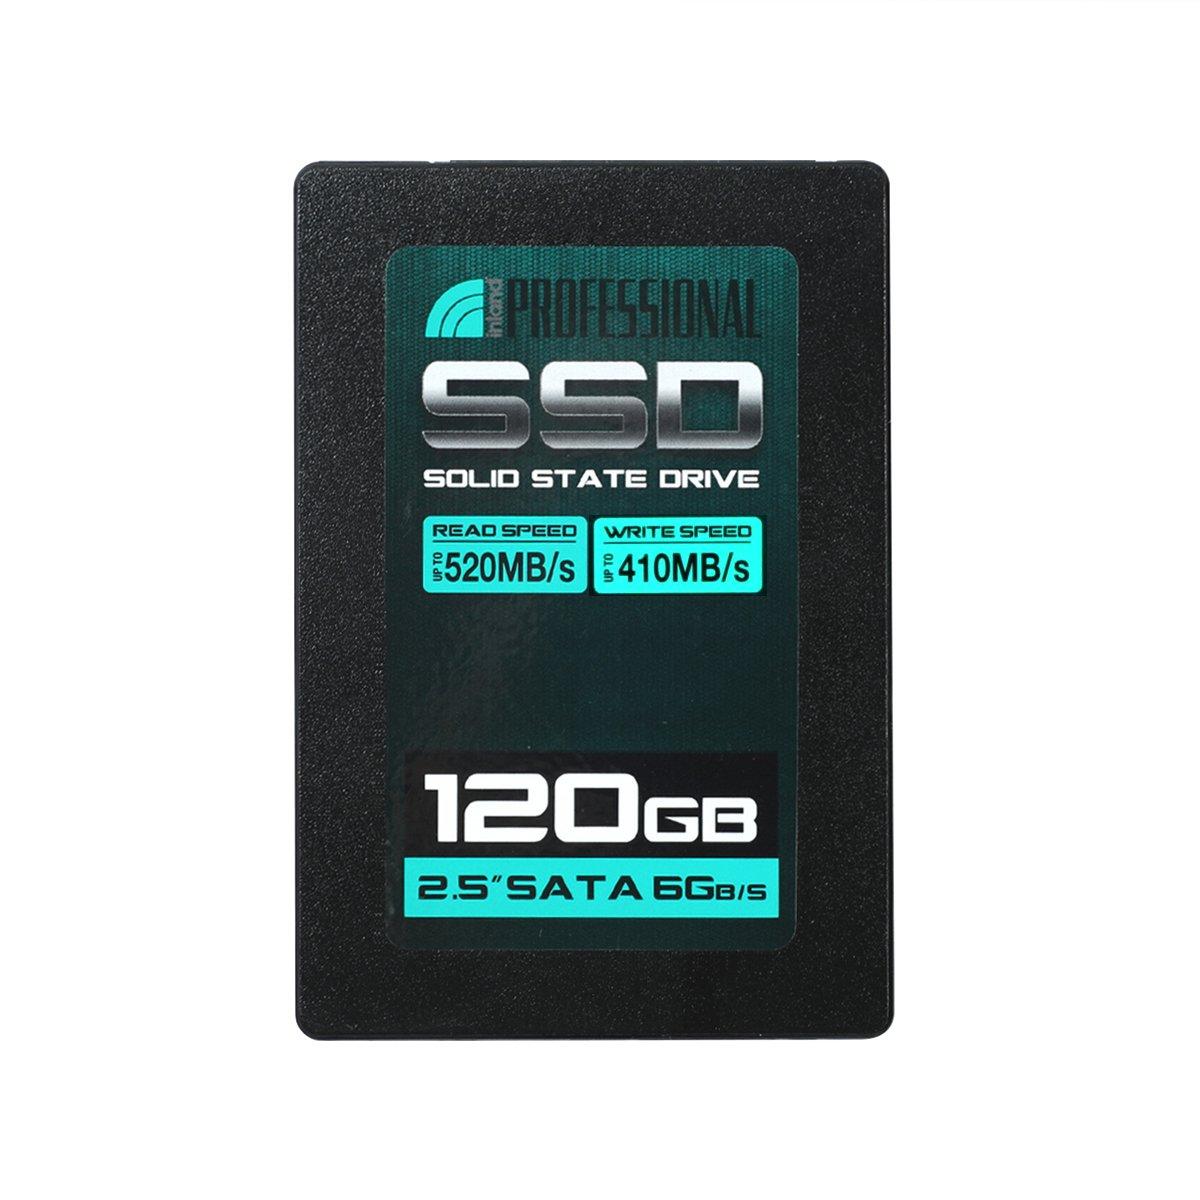 Inland Professional 120GB SATA III 6Gb/s 2.5'' Internal Solid State Drive (120GB)